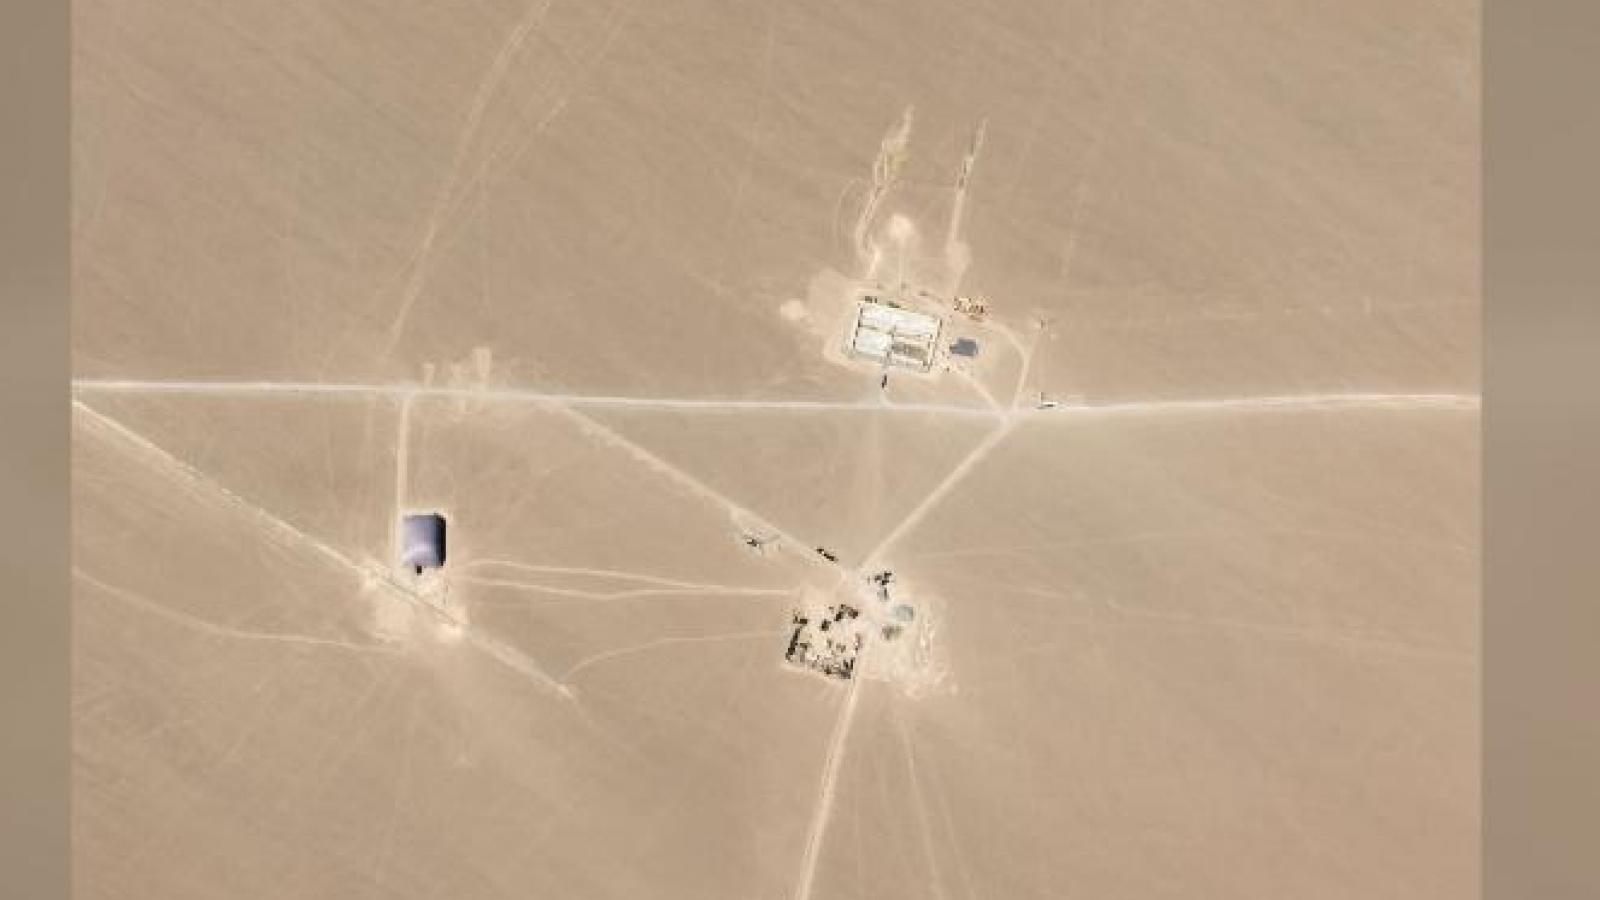 """""""Bãi hầm phóng tên lửa hạt nhân thứ 2 của Trung Quốc"""" trong báo cáo khoa học của Mỹ"""